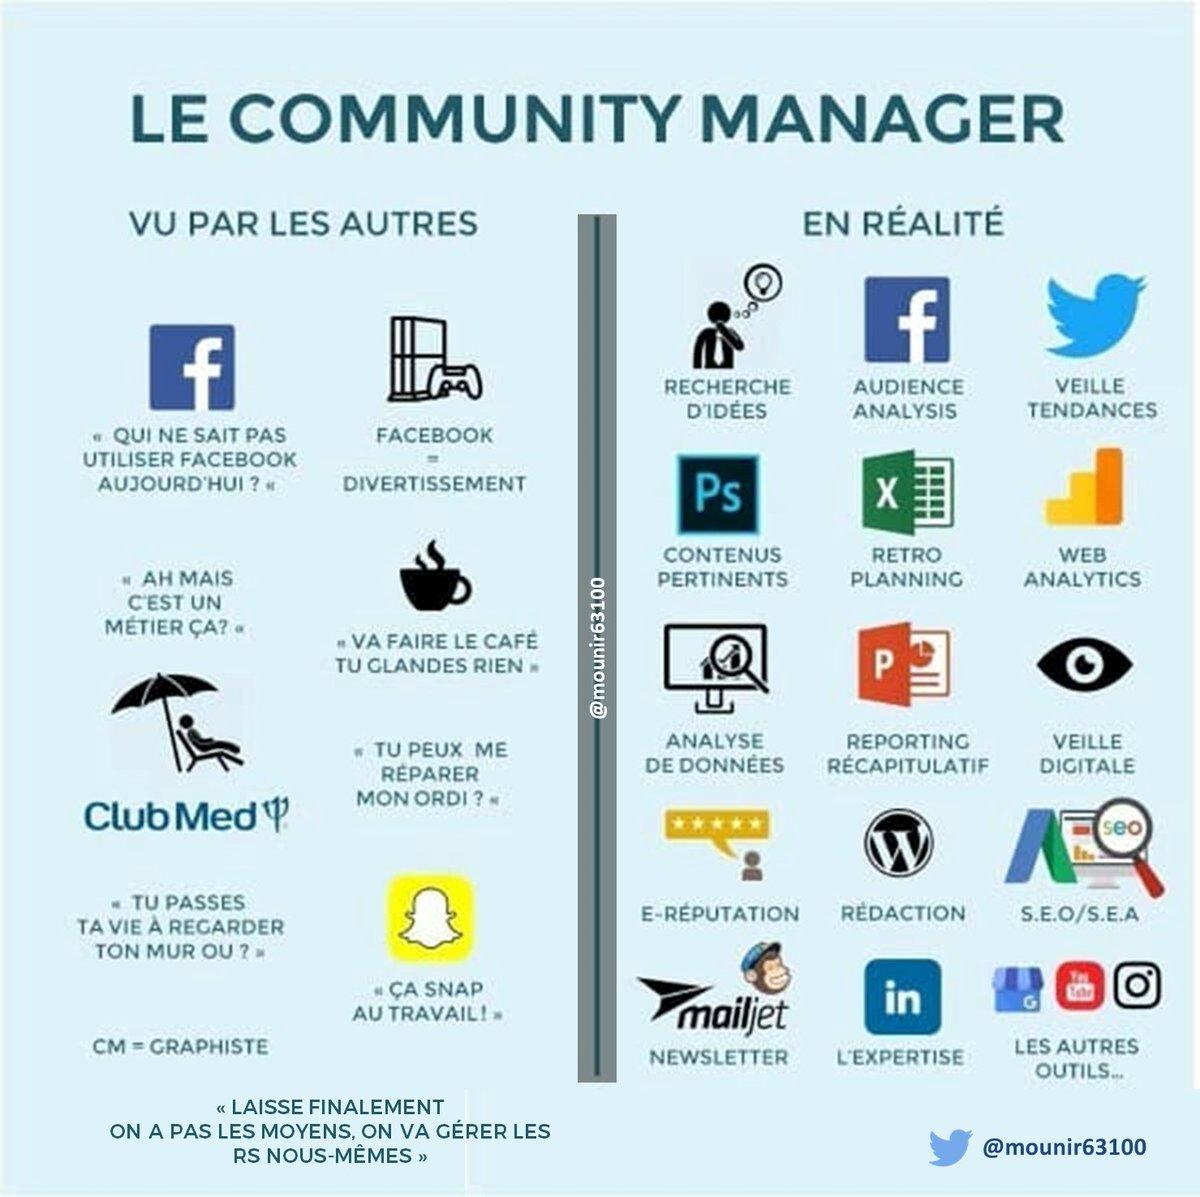 Les atouts du community management dans votre communication digitale